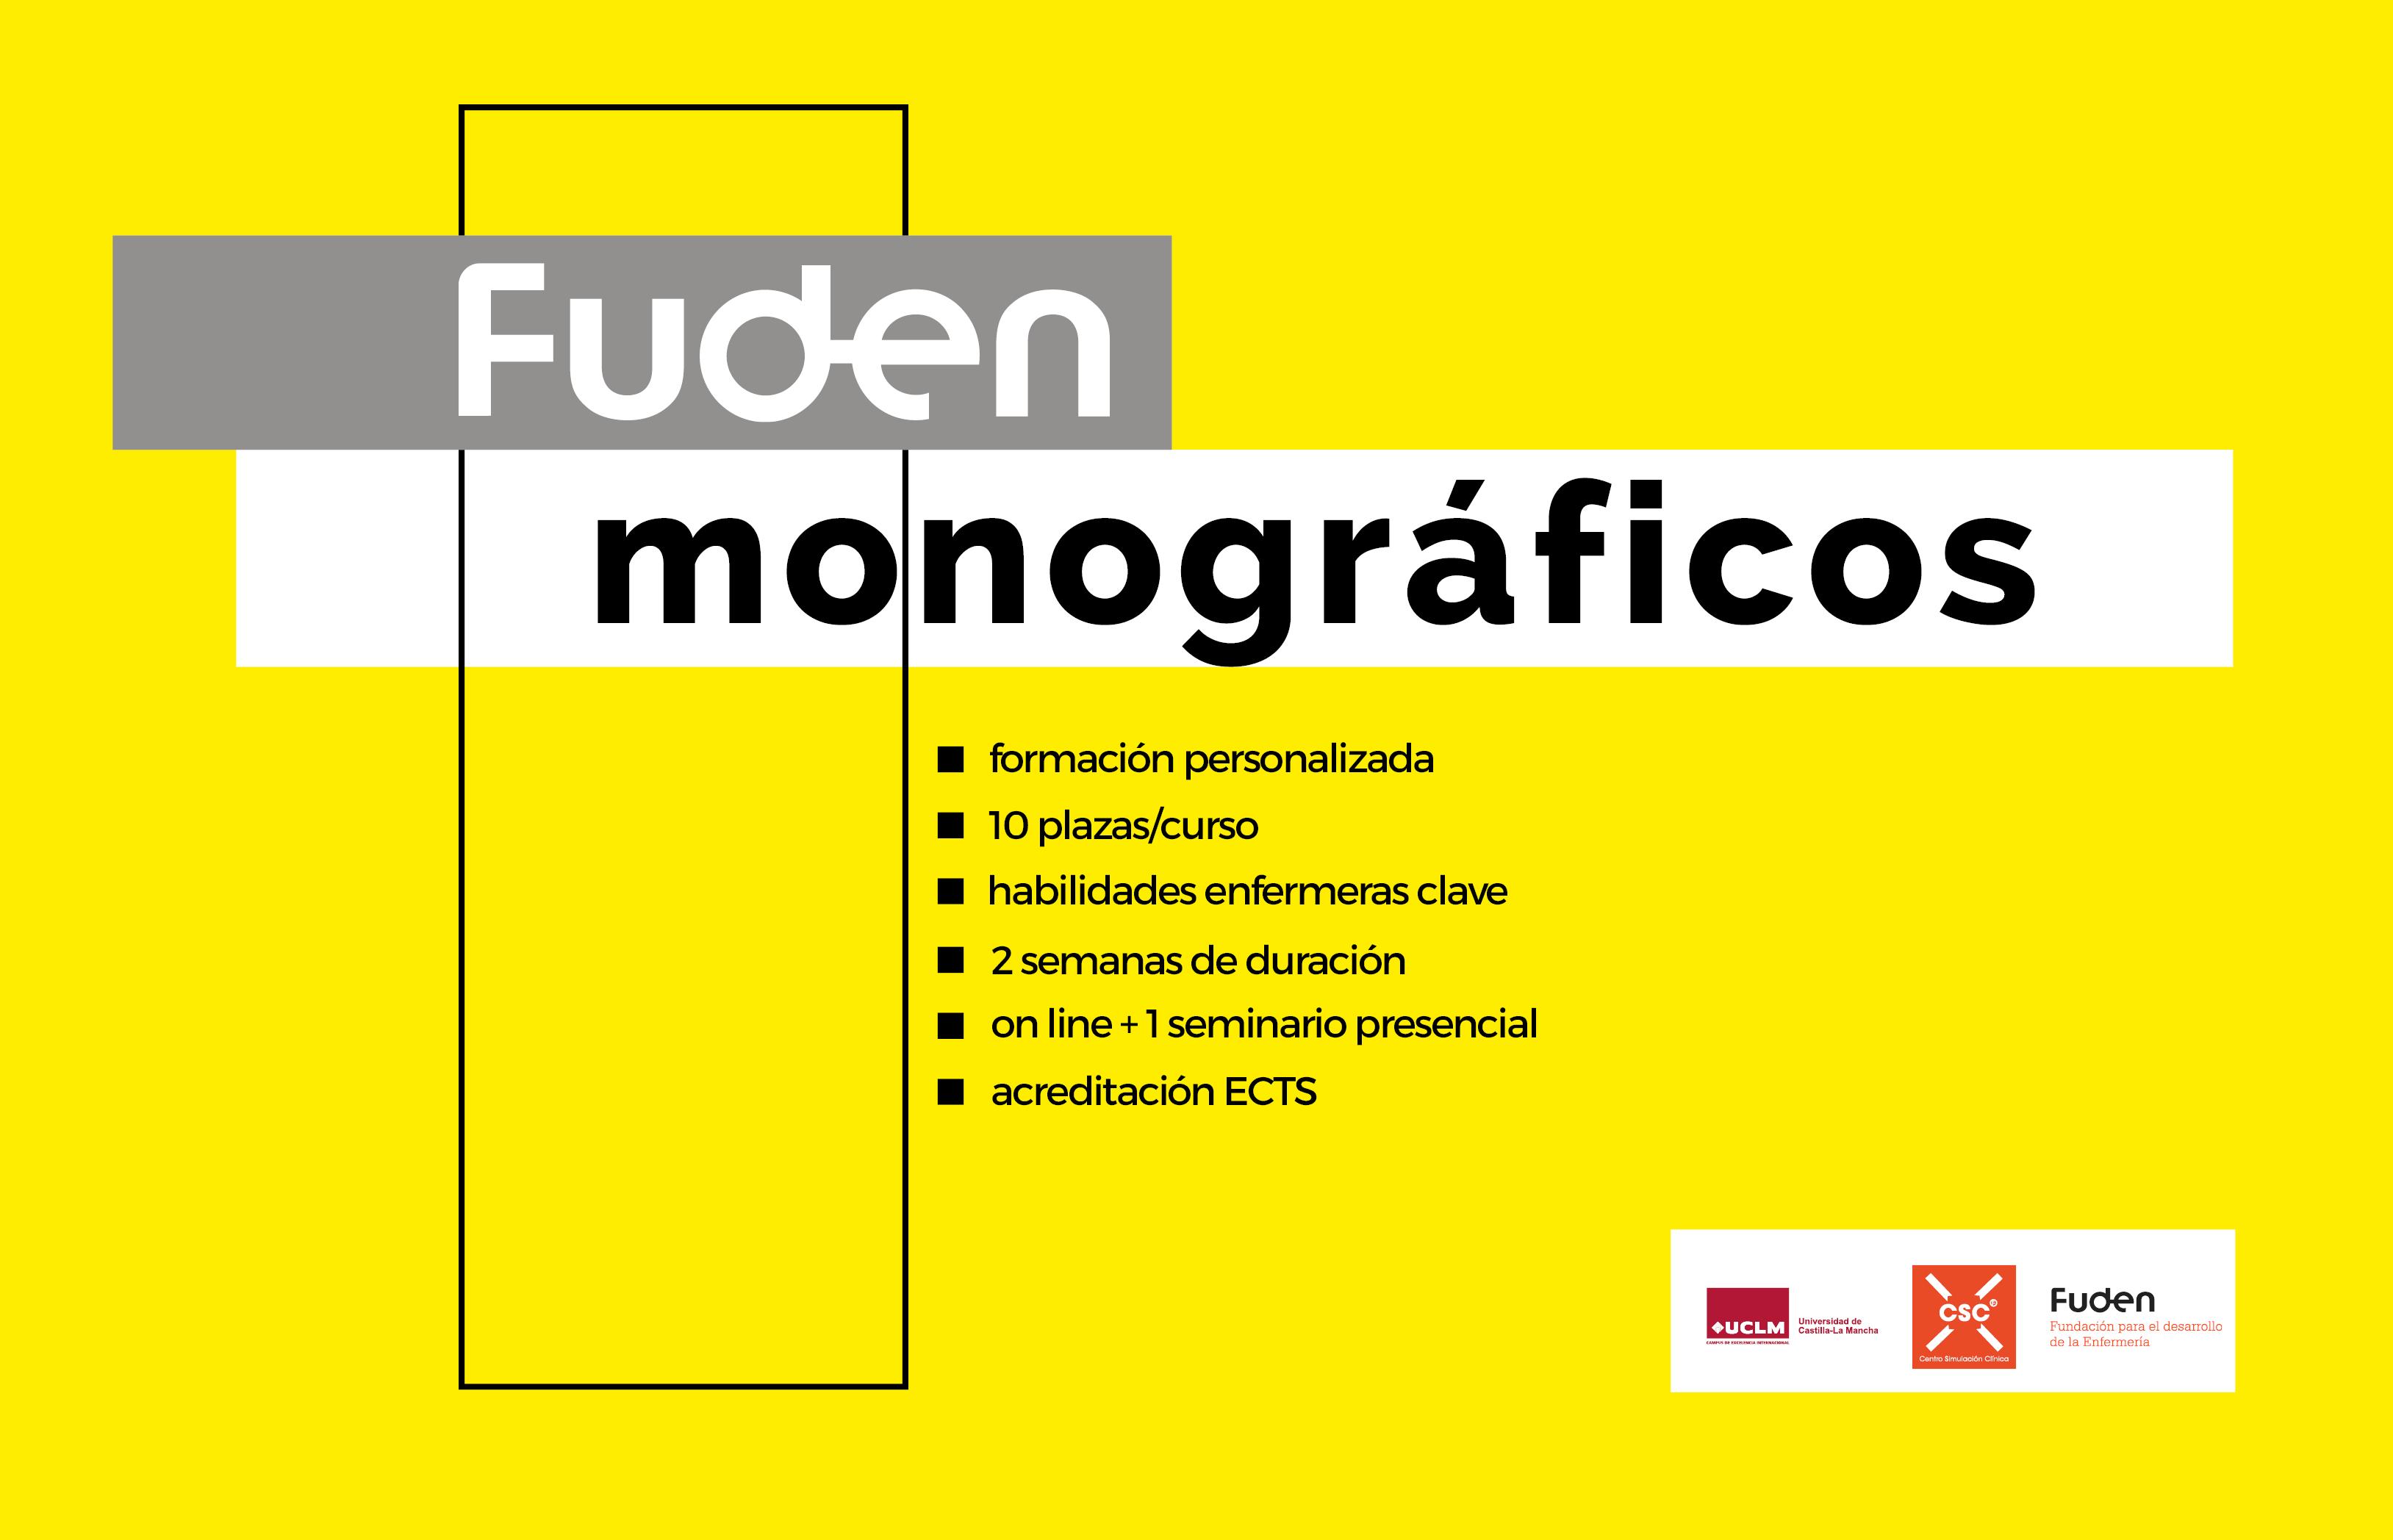 Monográfico FUDEN. Taller práctico de suturas. Turno de tarde